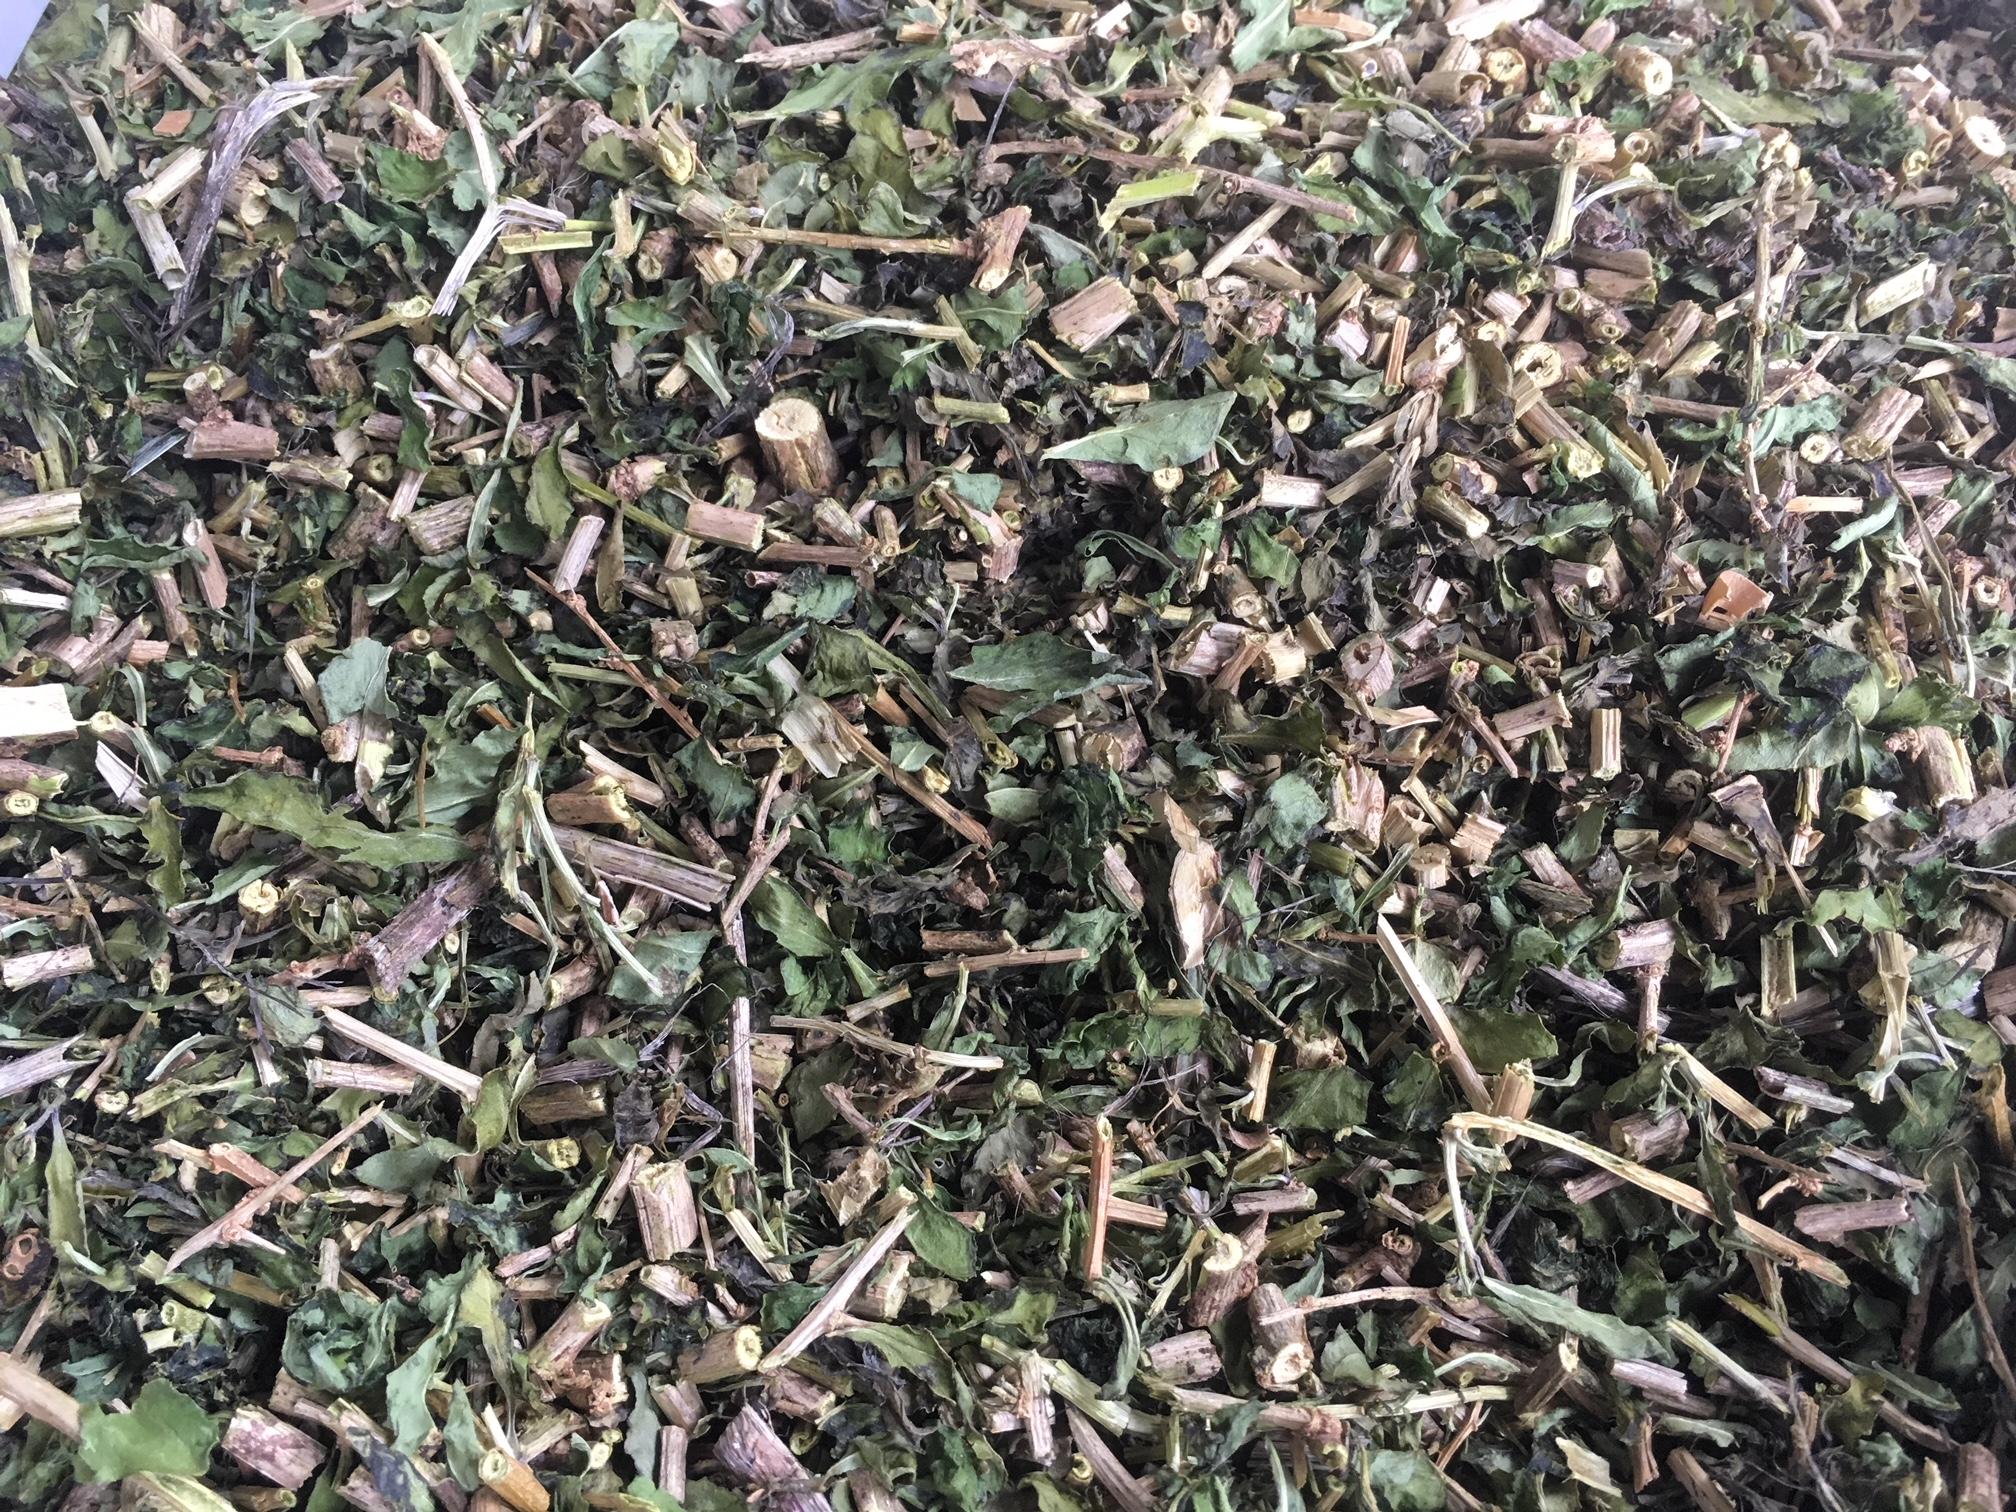 【送料無料※北海道・一部地域を除く】 クコの葉茶1kg 国産オーガニック健康茶